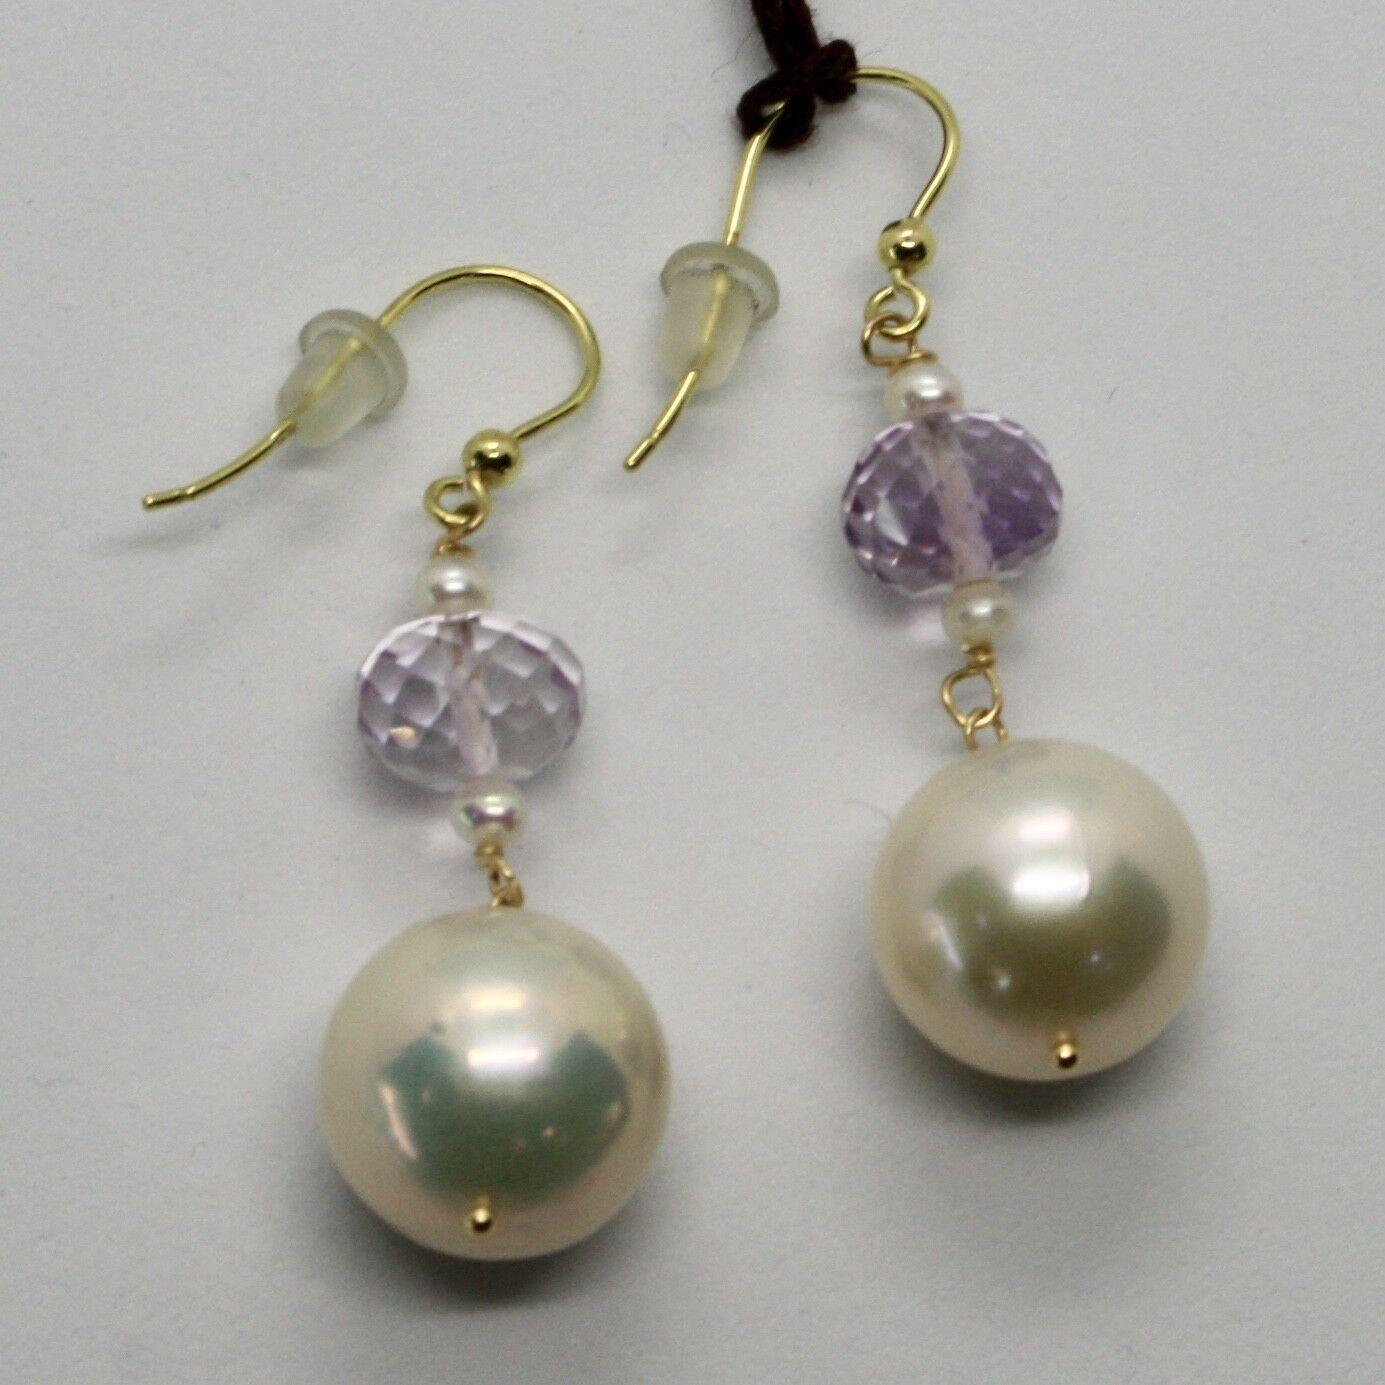 Boucles D'Oreilles en or Jaune 18K 750 Perles Eau Douce et Améthyste Rose Italy